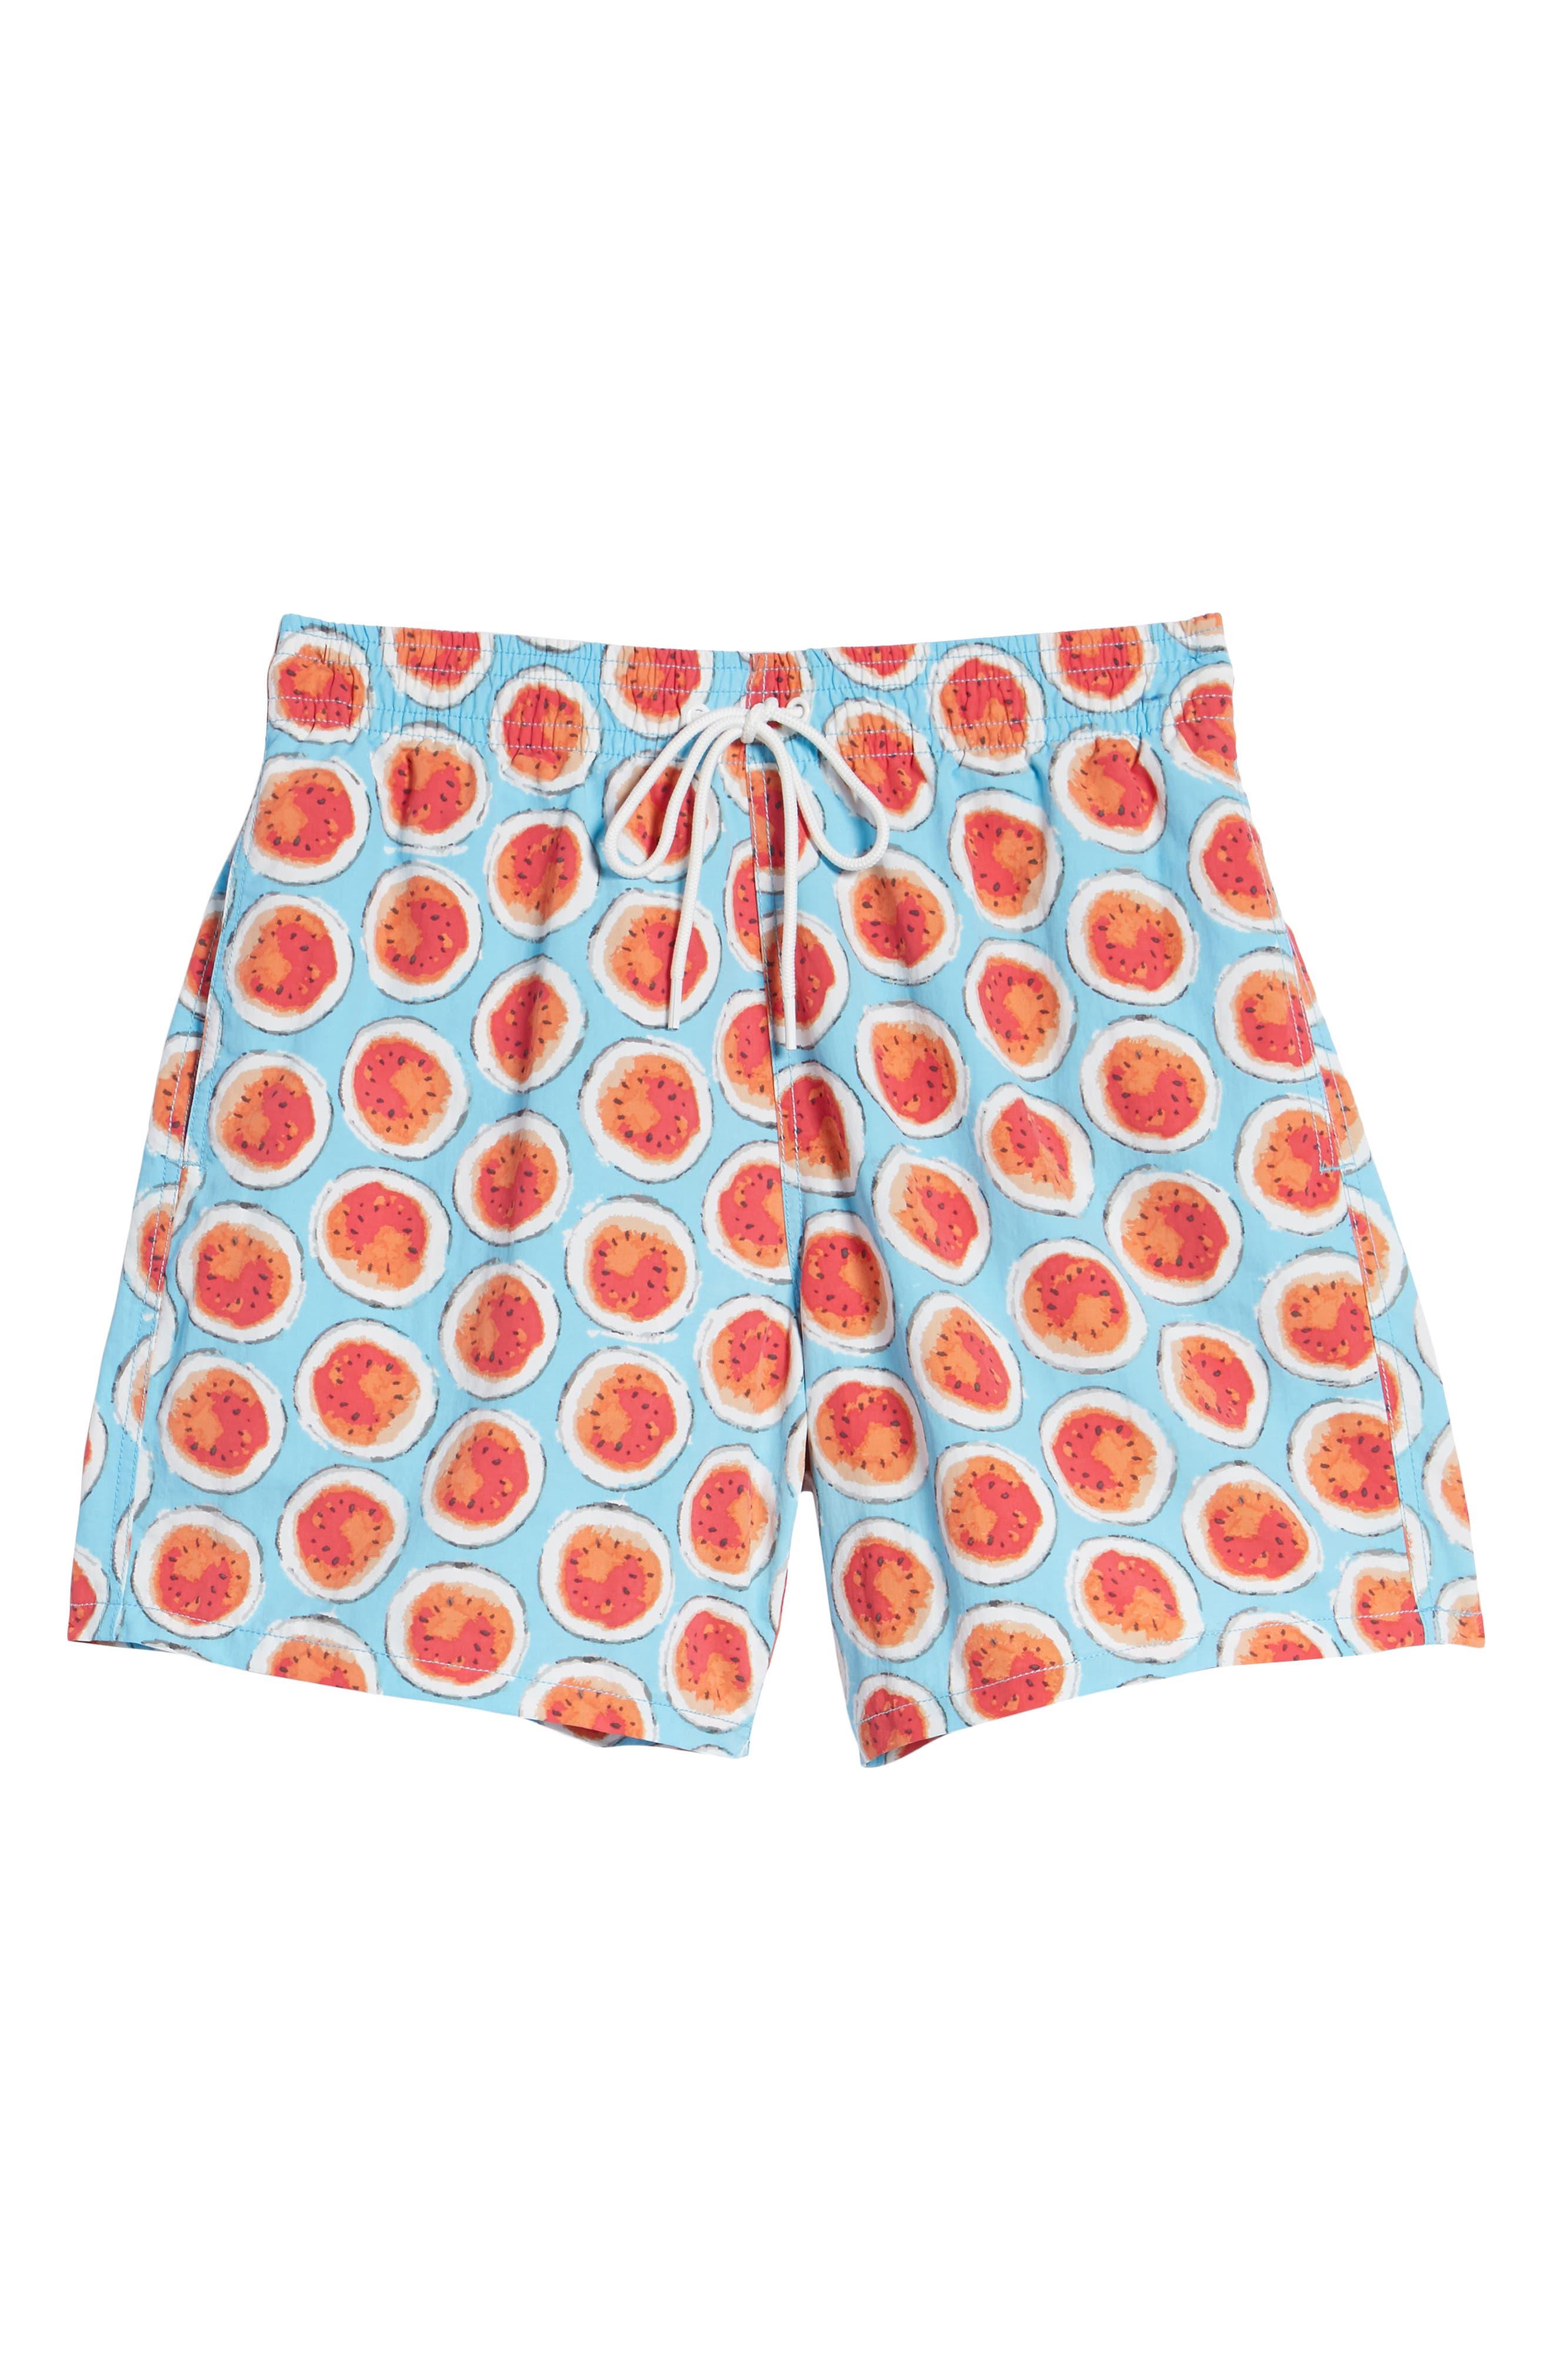 Denniston Regular Fit Swim Trunks,                             Alternate thumbnail 6, color,                             439